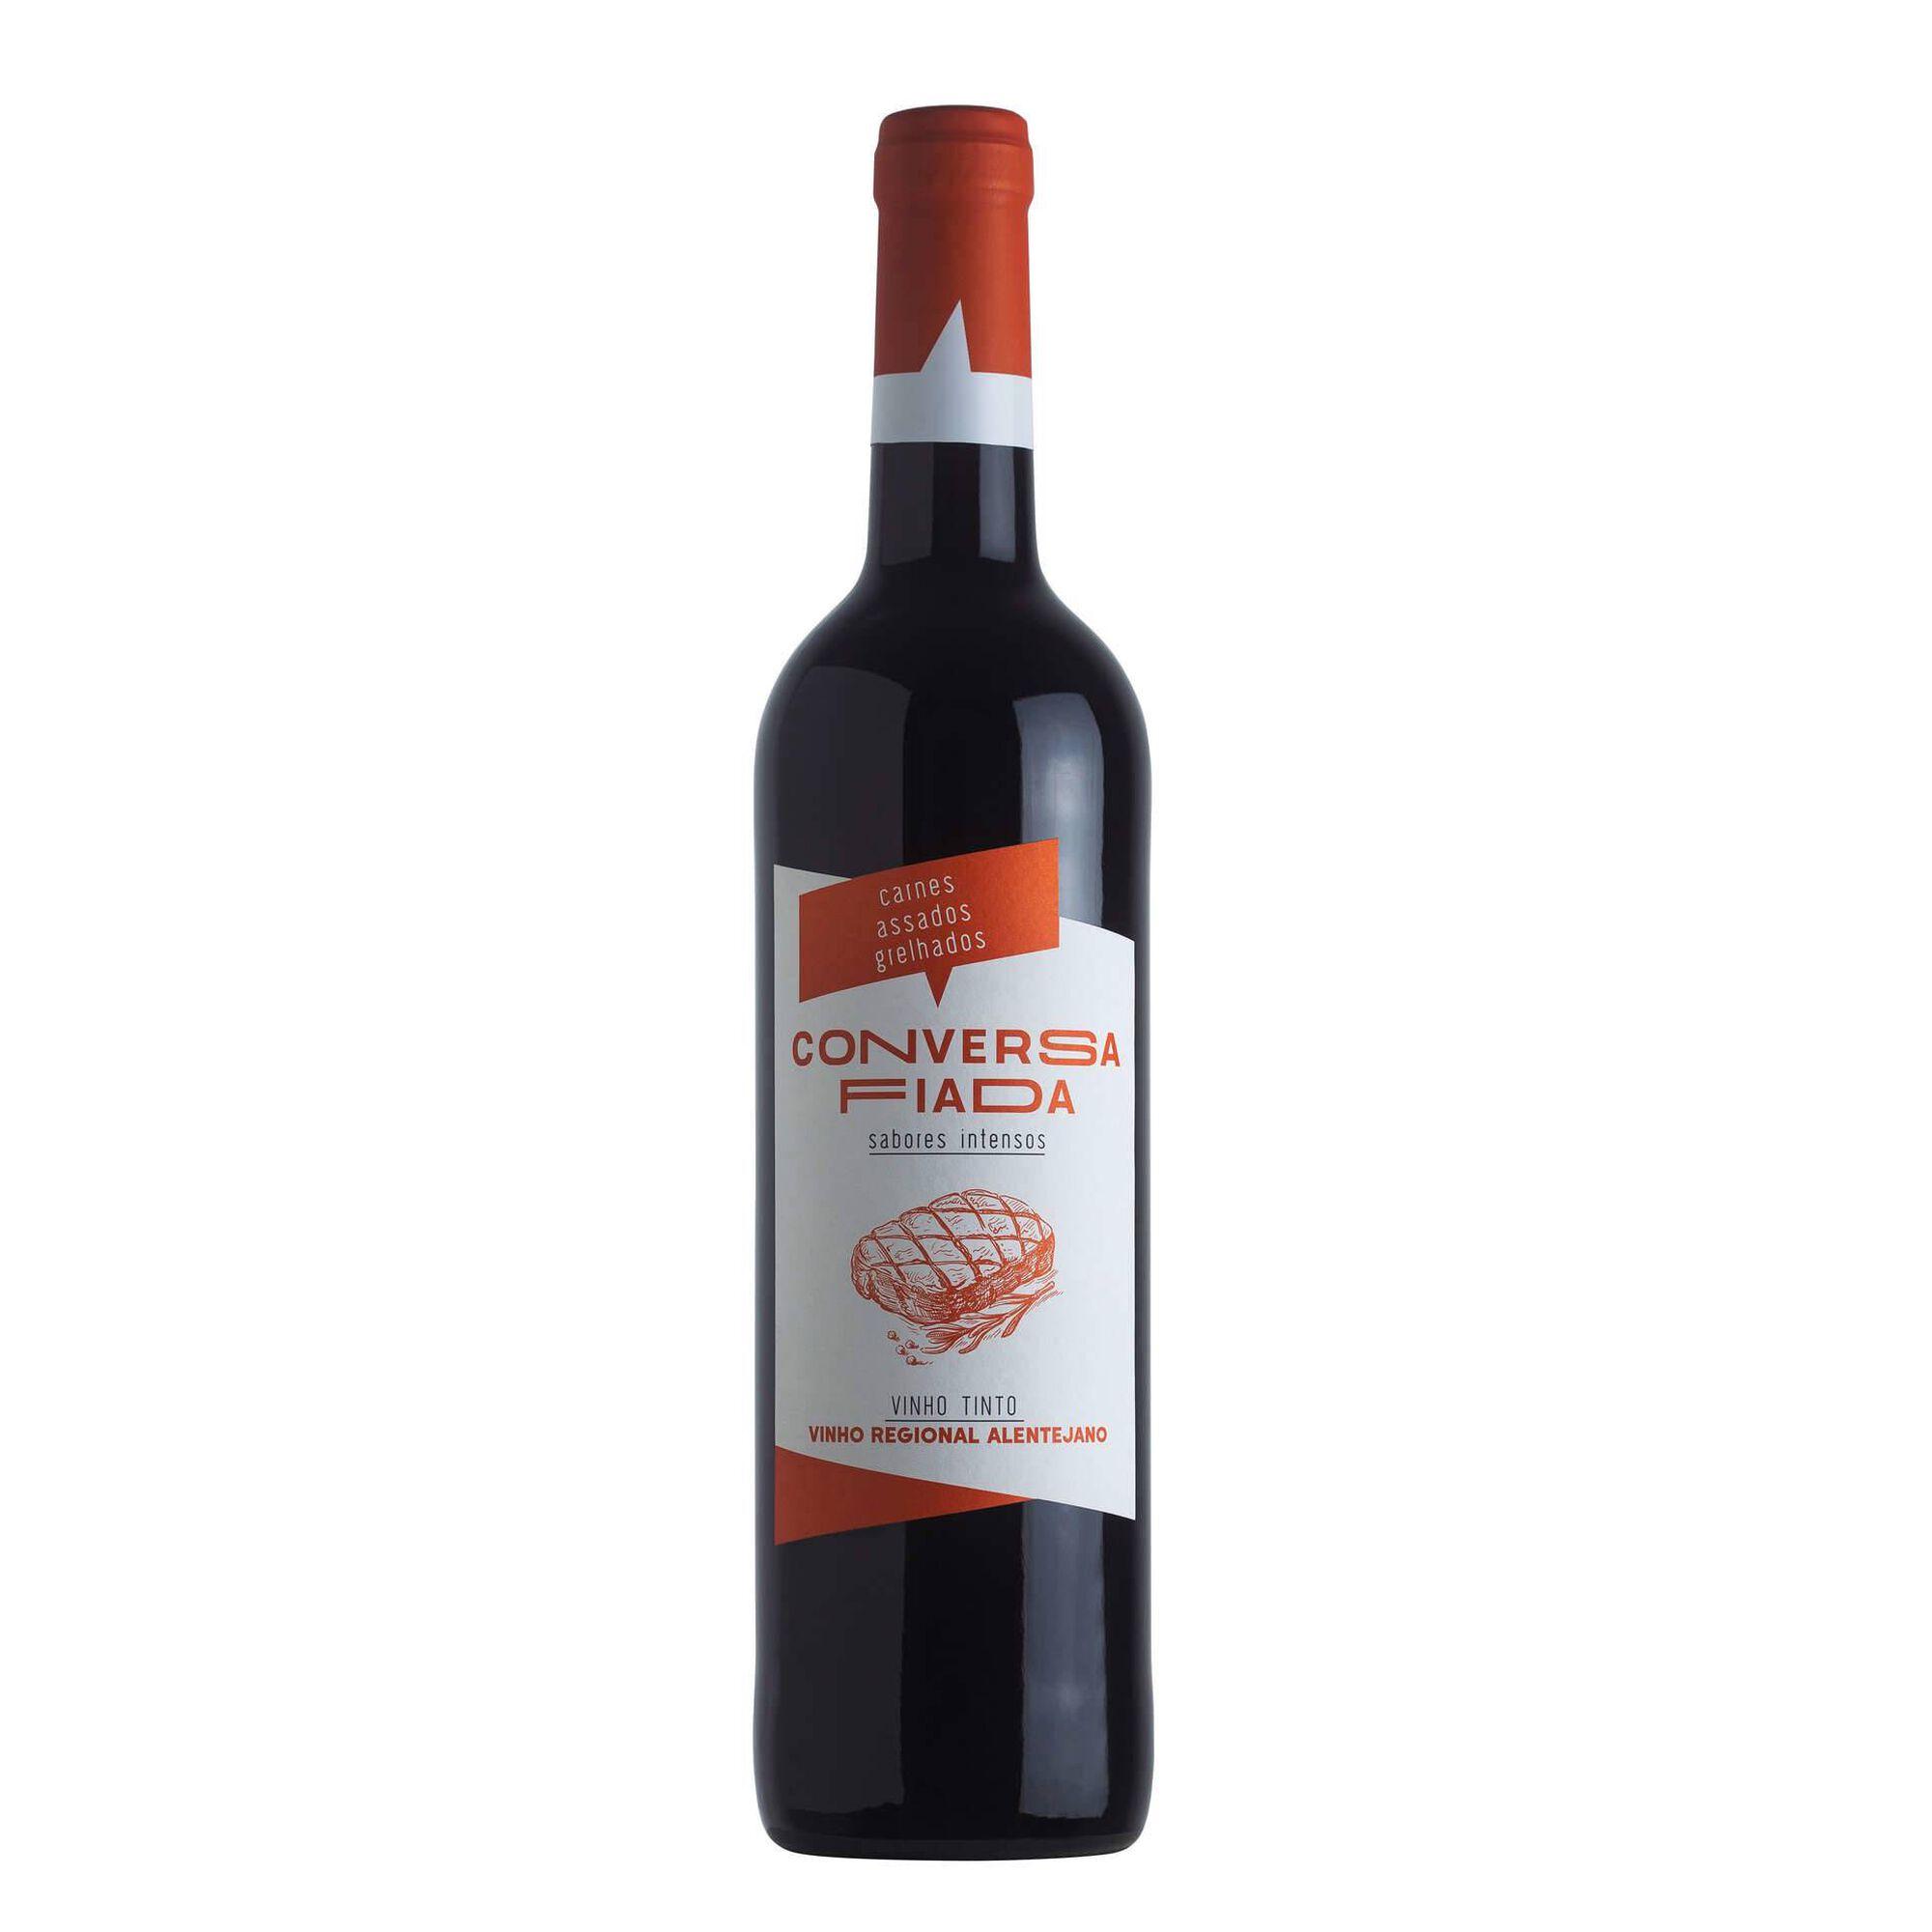 Conversa Fiada Regional Alentejano Vinho Tinto